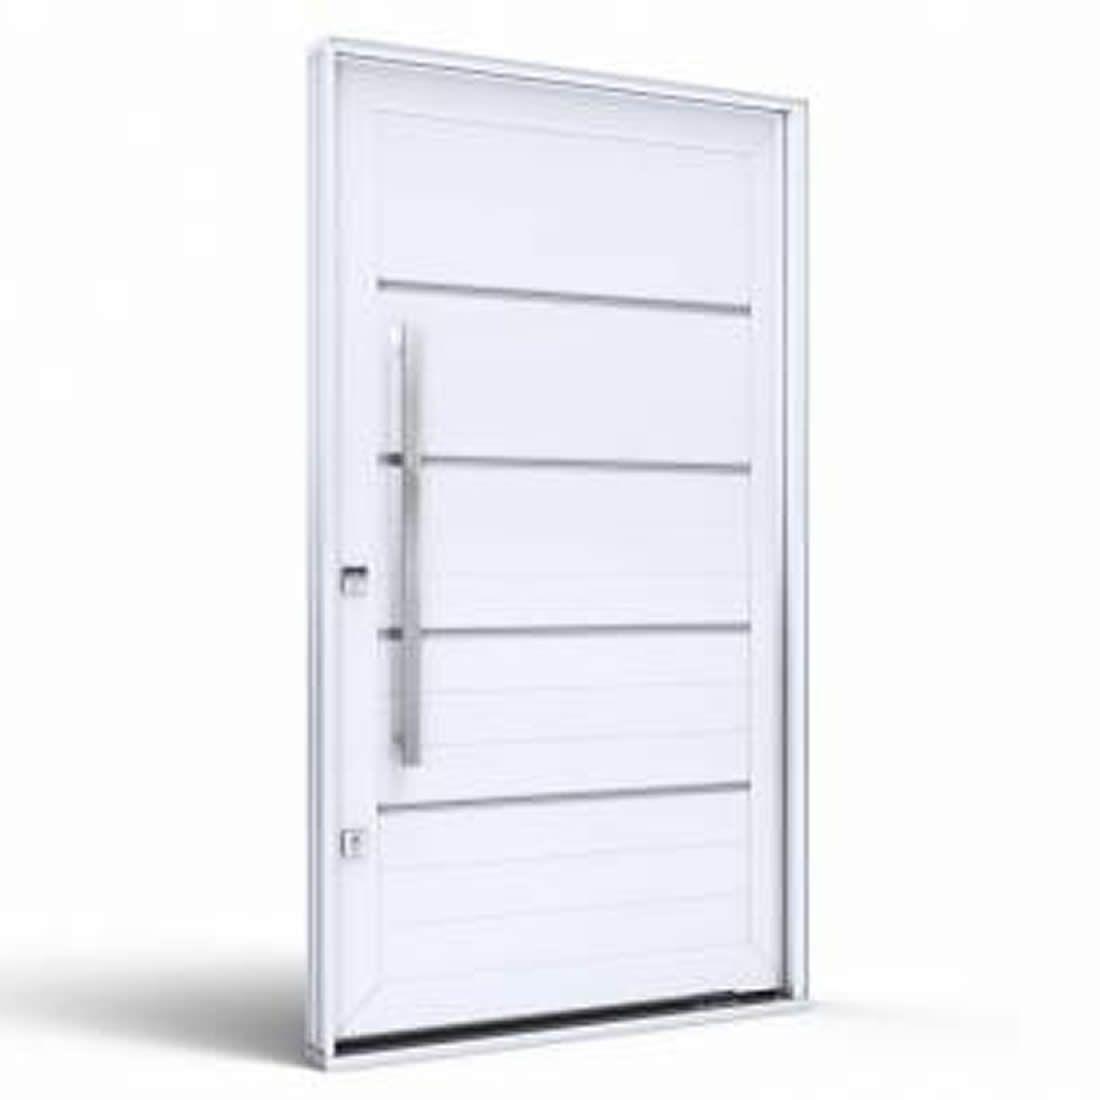 Porta Pivotante de Aluminio Branca C/Friso Abertura Direita Ref: 9190.2